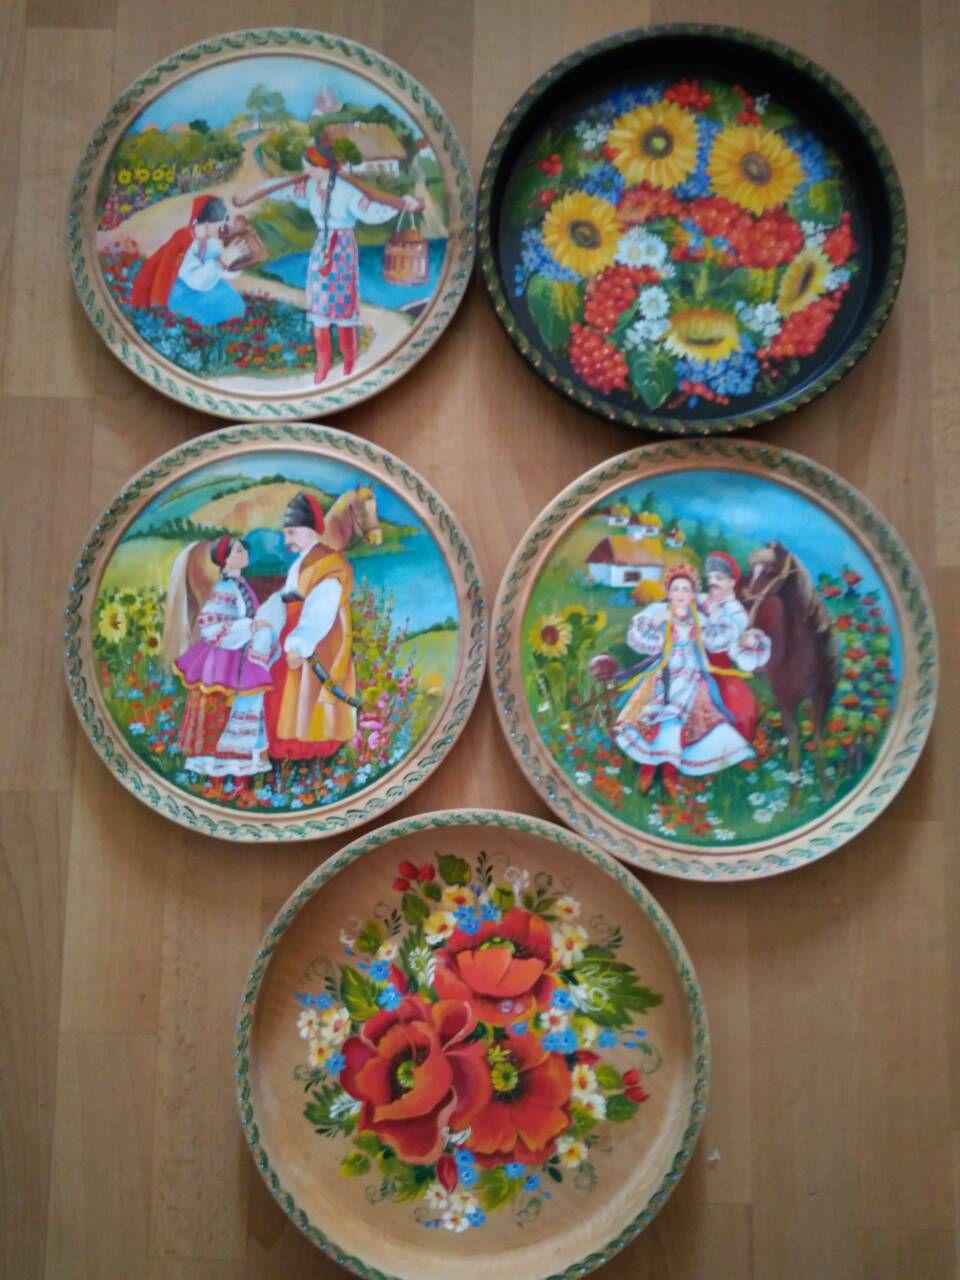 роспись декоративная сувенир подарки украинский